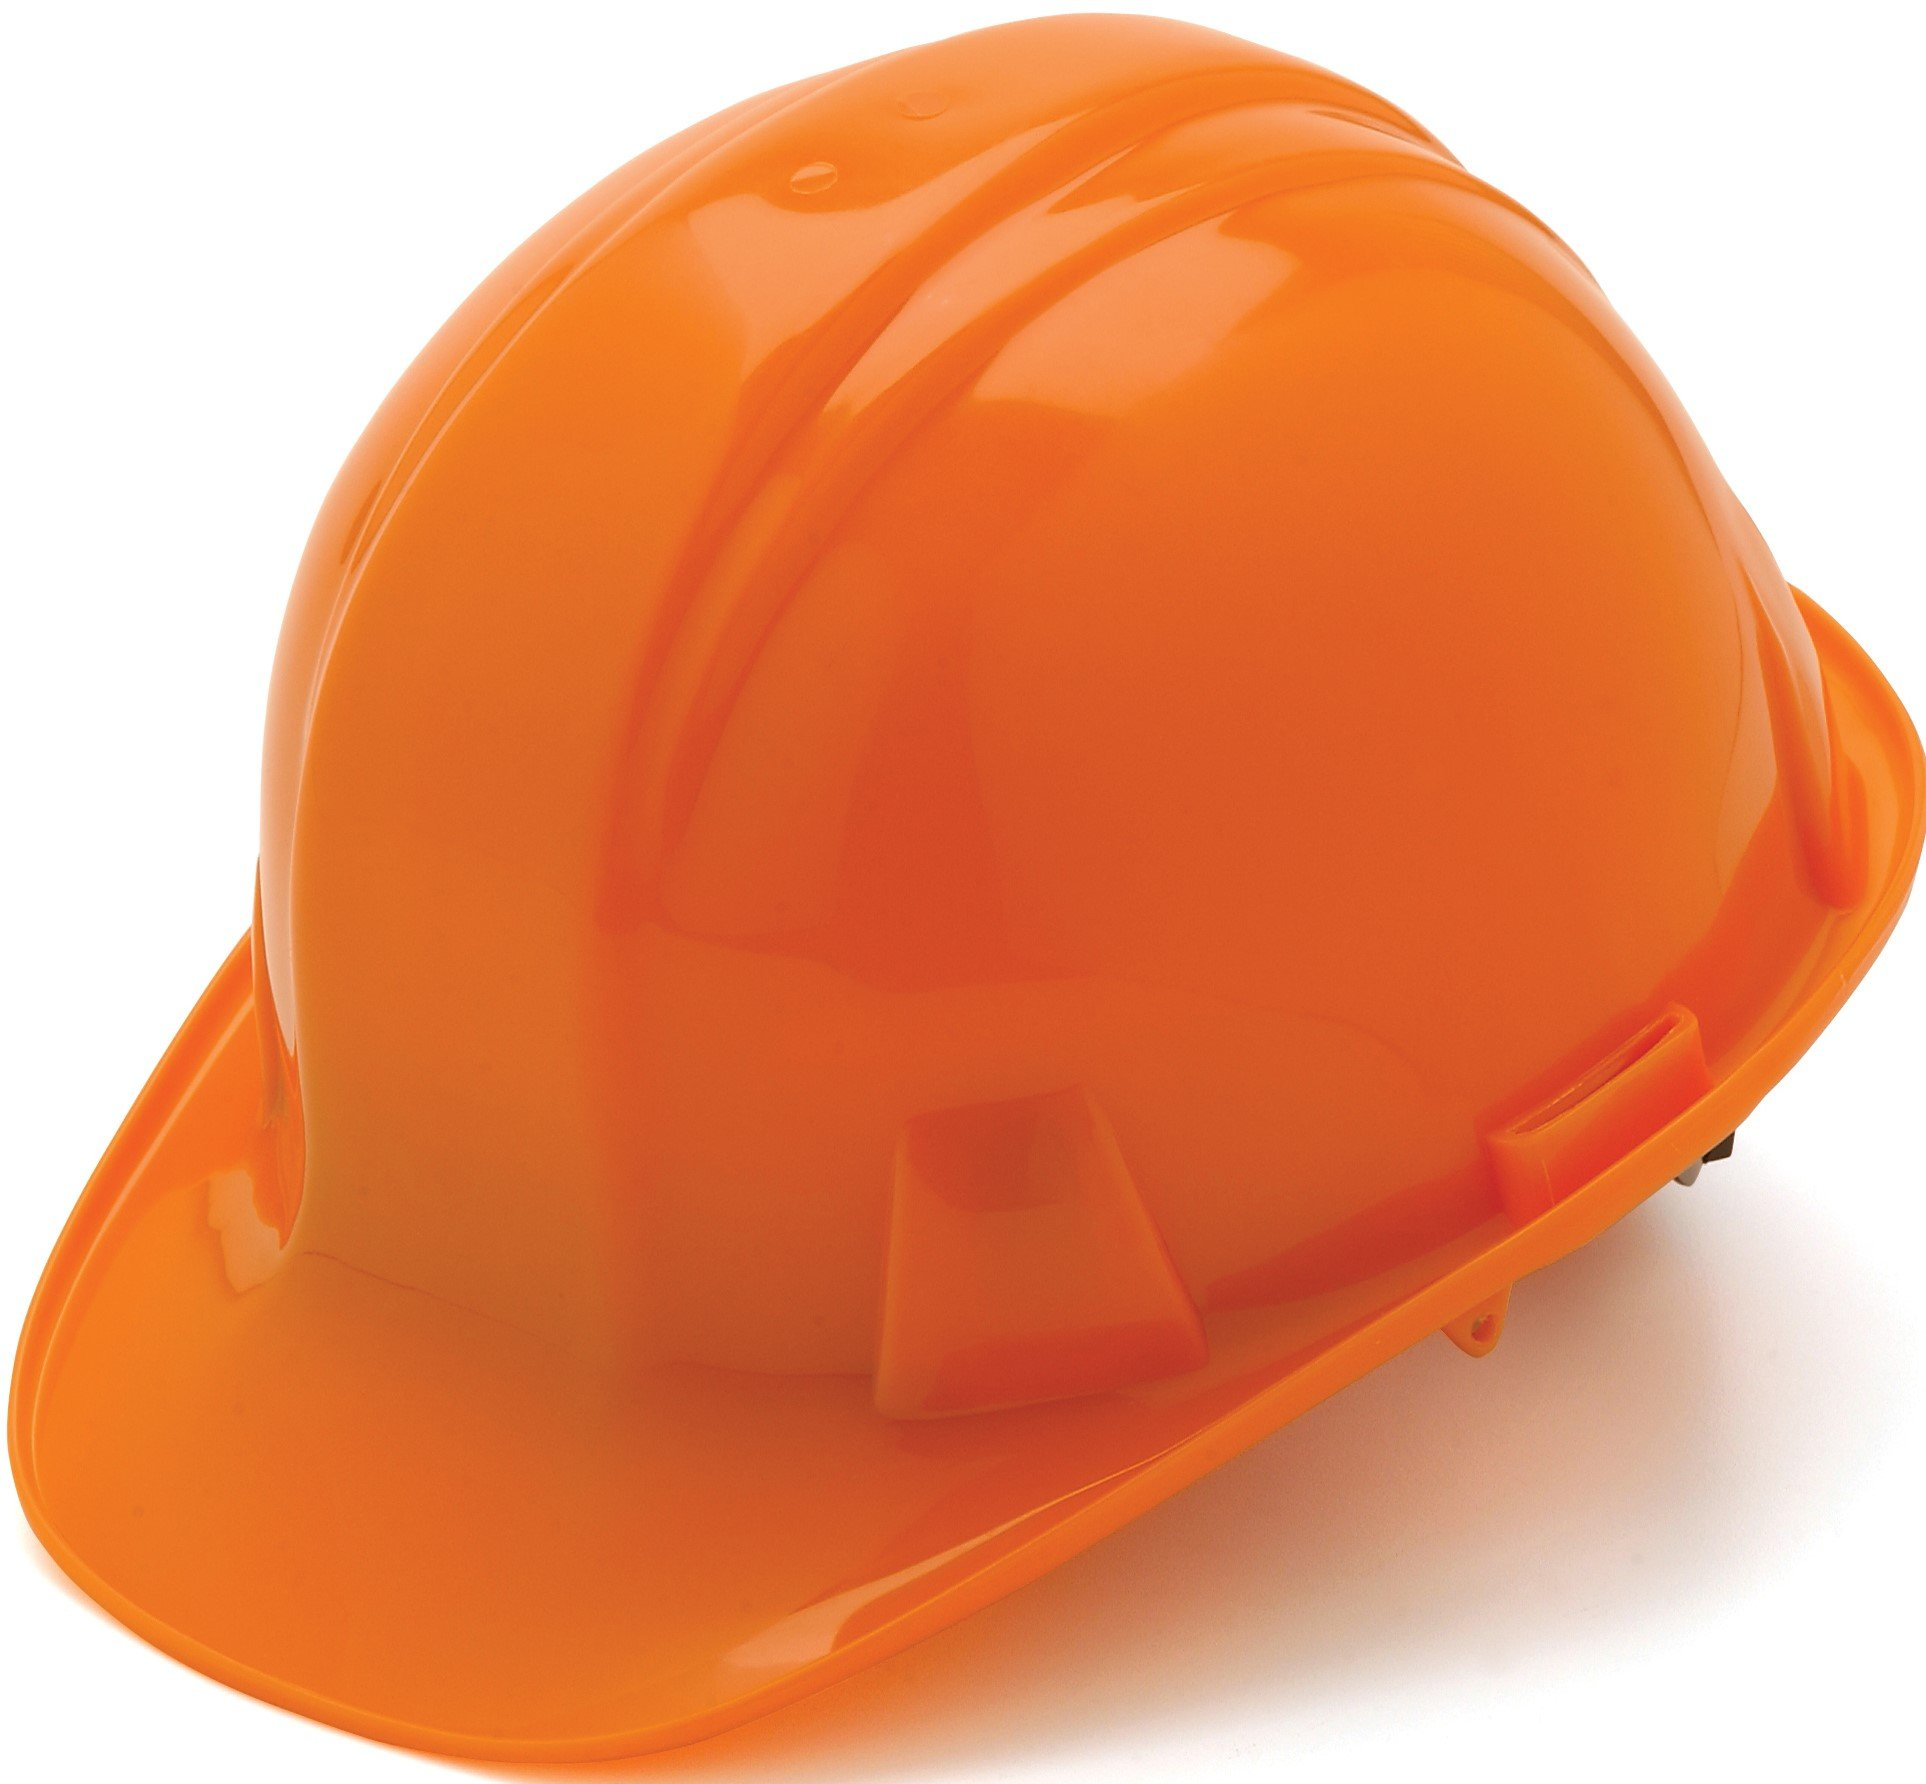 Pyramex Standard Shell Snap Lock Suspension Hard Hat, 6 Point Snap Lock Suspension, Orange